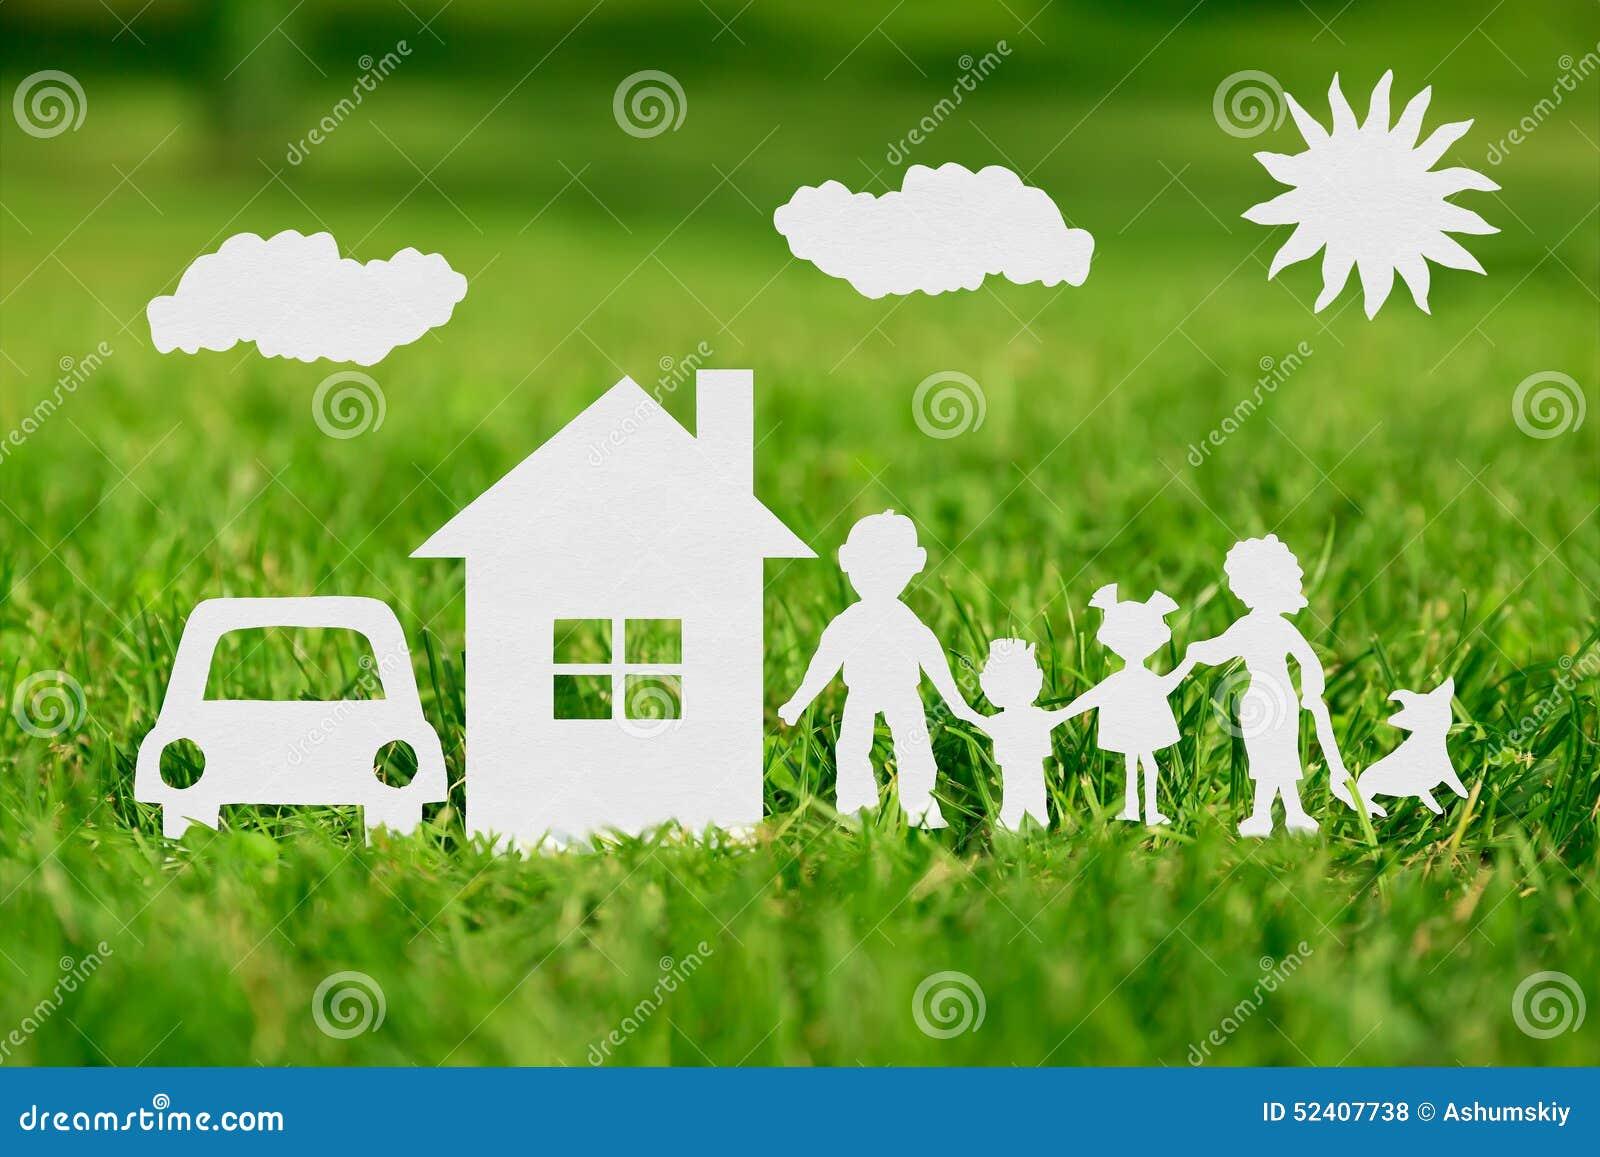 Corte del papel de la familia con la casa y el coche